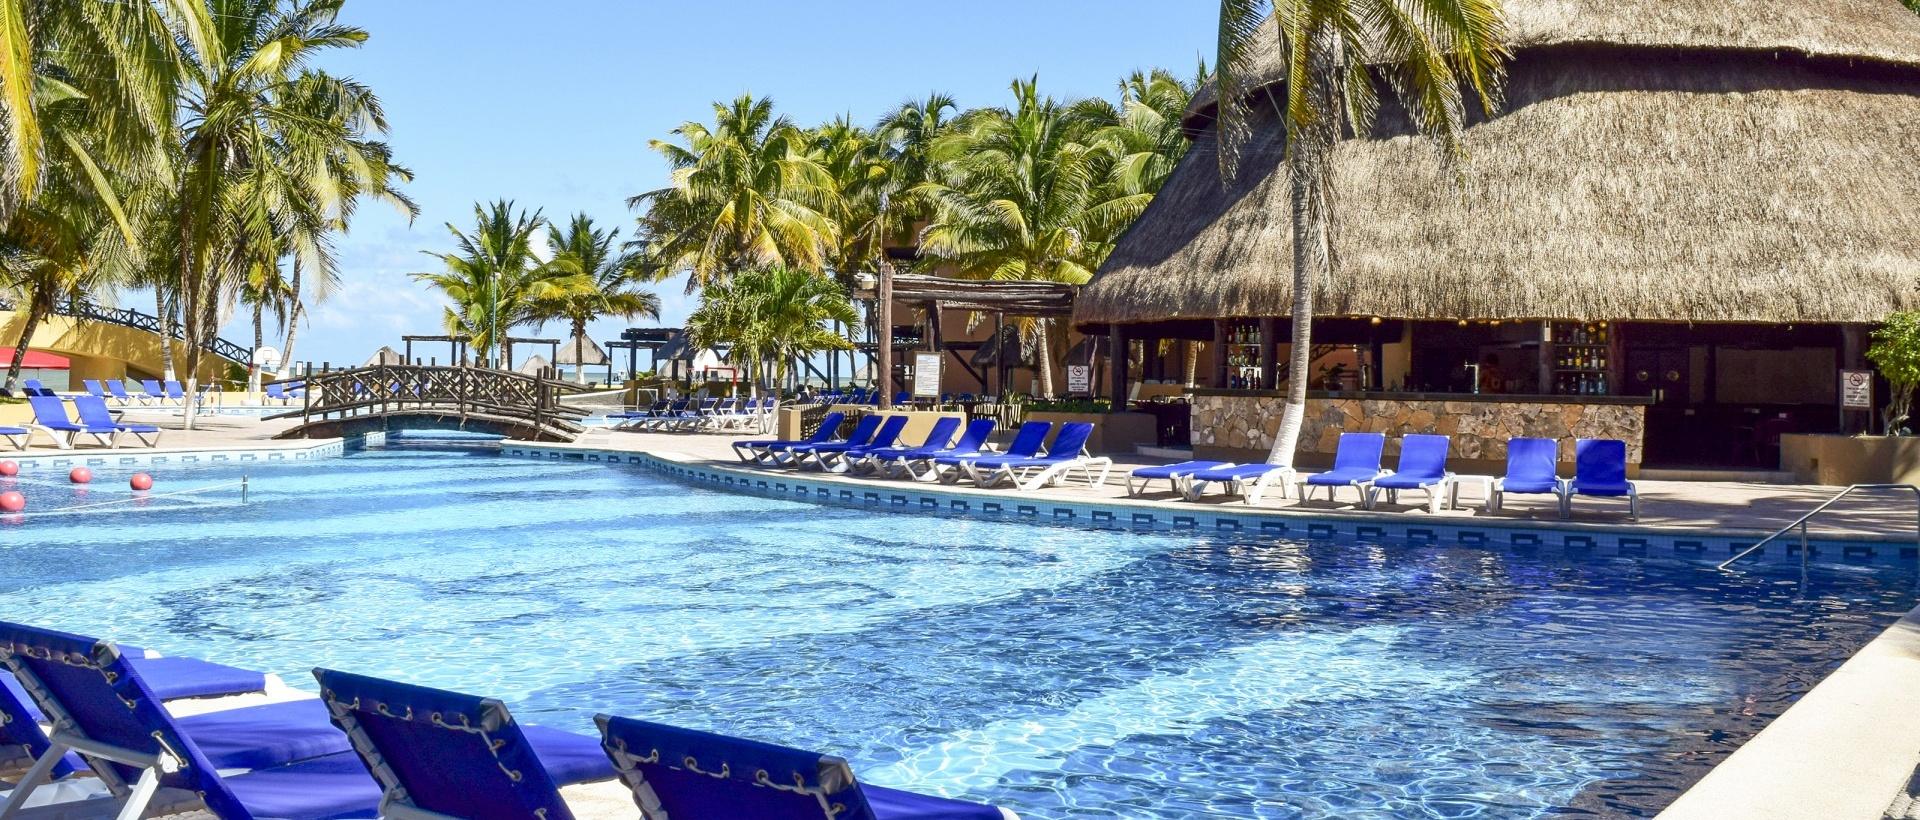 Hotel  Hotel Reef Yucatan  Telchac Puerto  Mxico